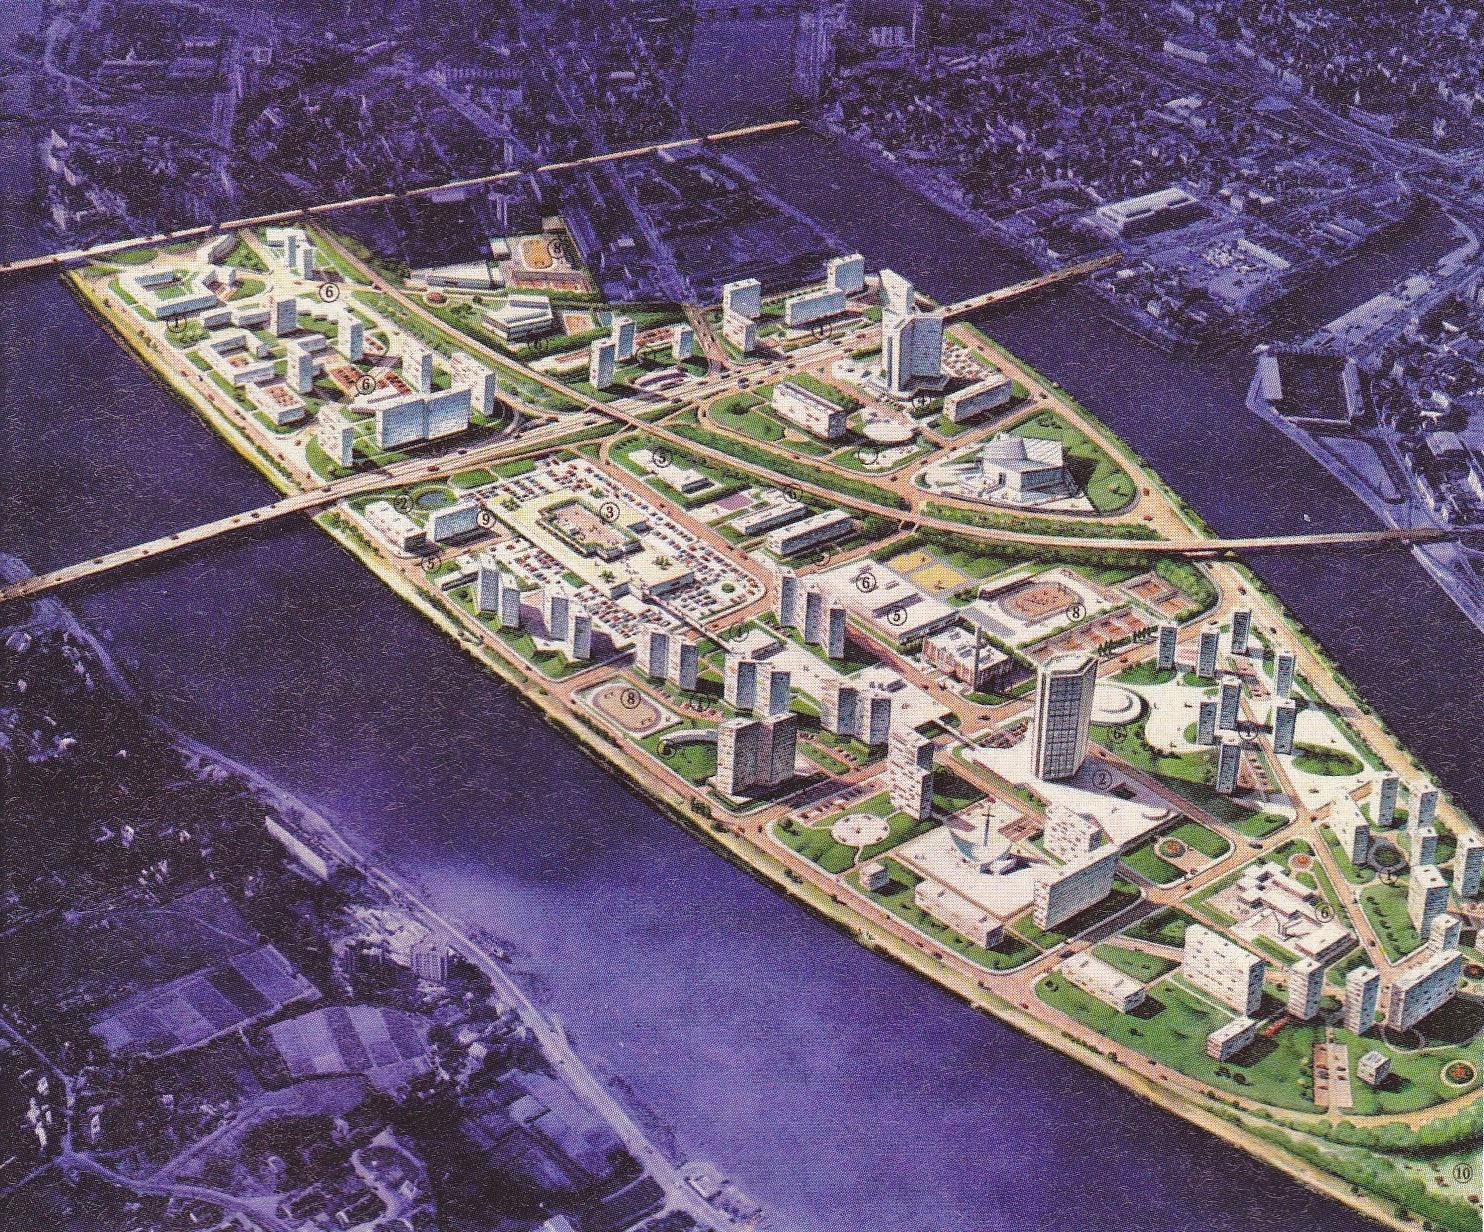 Nantes la ville d 39 apr s guerre nantes projet urbain ile for Piscine ile gloriette nantes